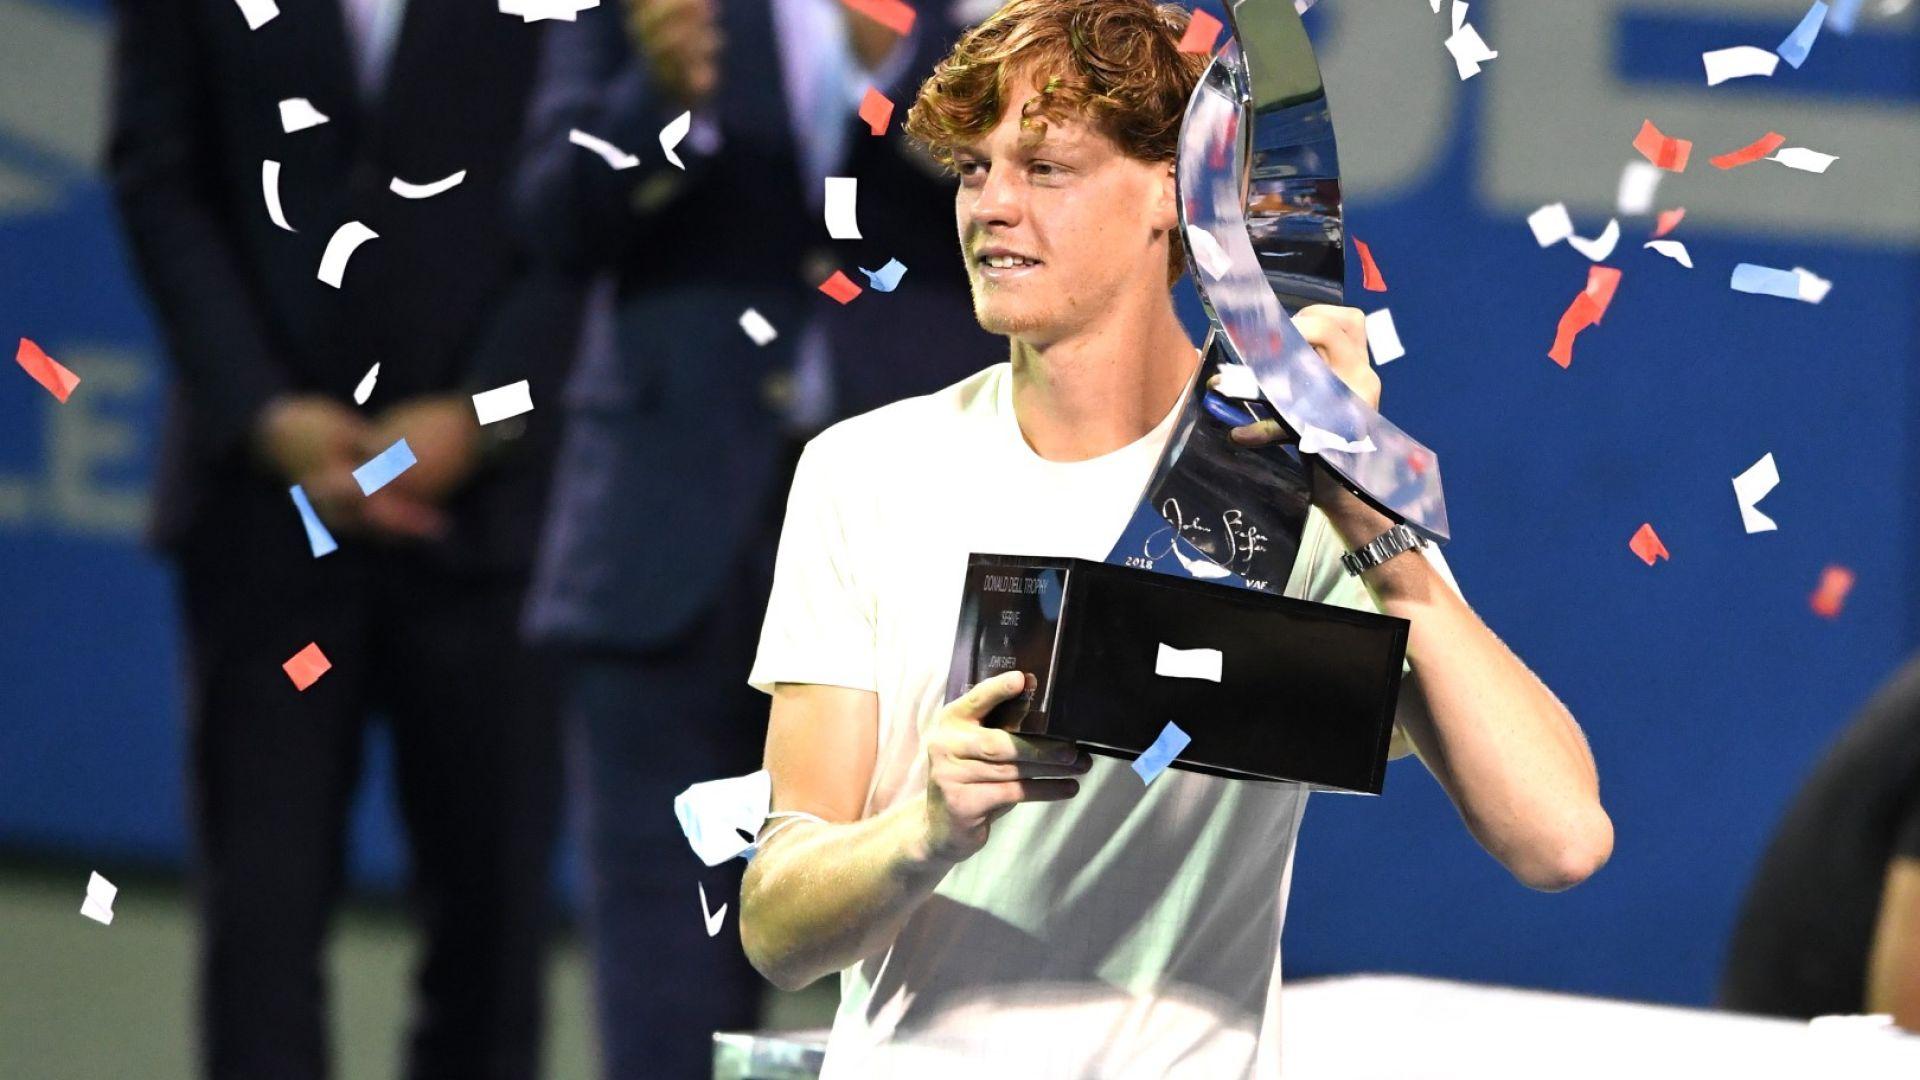 Шампионът от София продължава да пише история в ATP тура